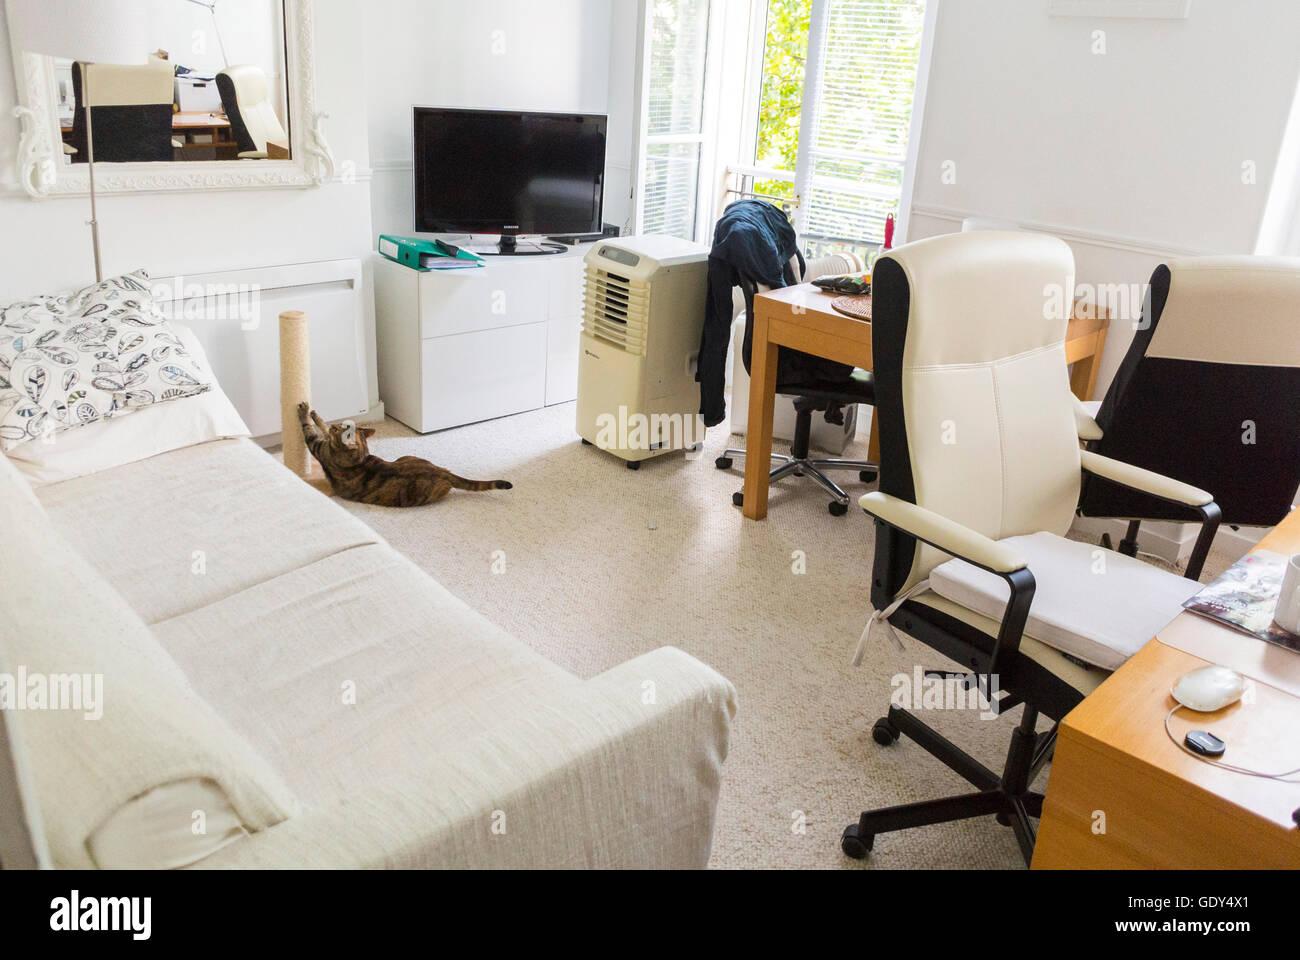 paris frankreich modernen st dtischen wohnung wei e zeitgen ssisches design interiors ikea. Black Bedroom Furniture Sets. Home Design Ideas